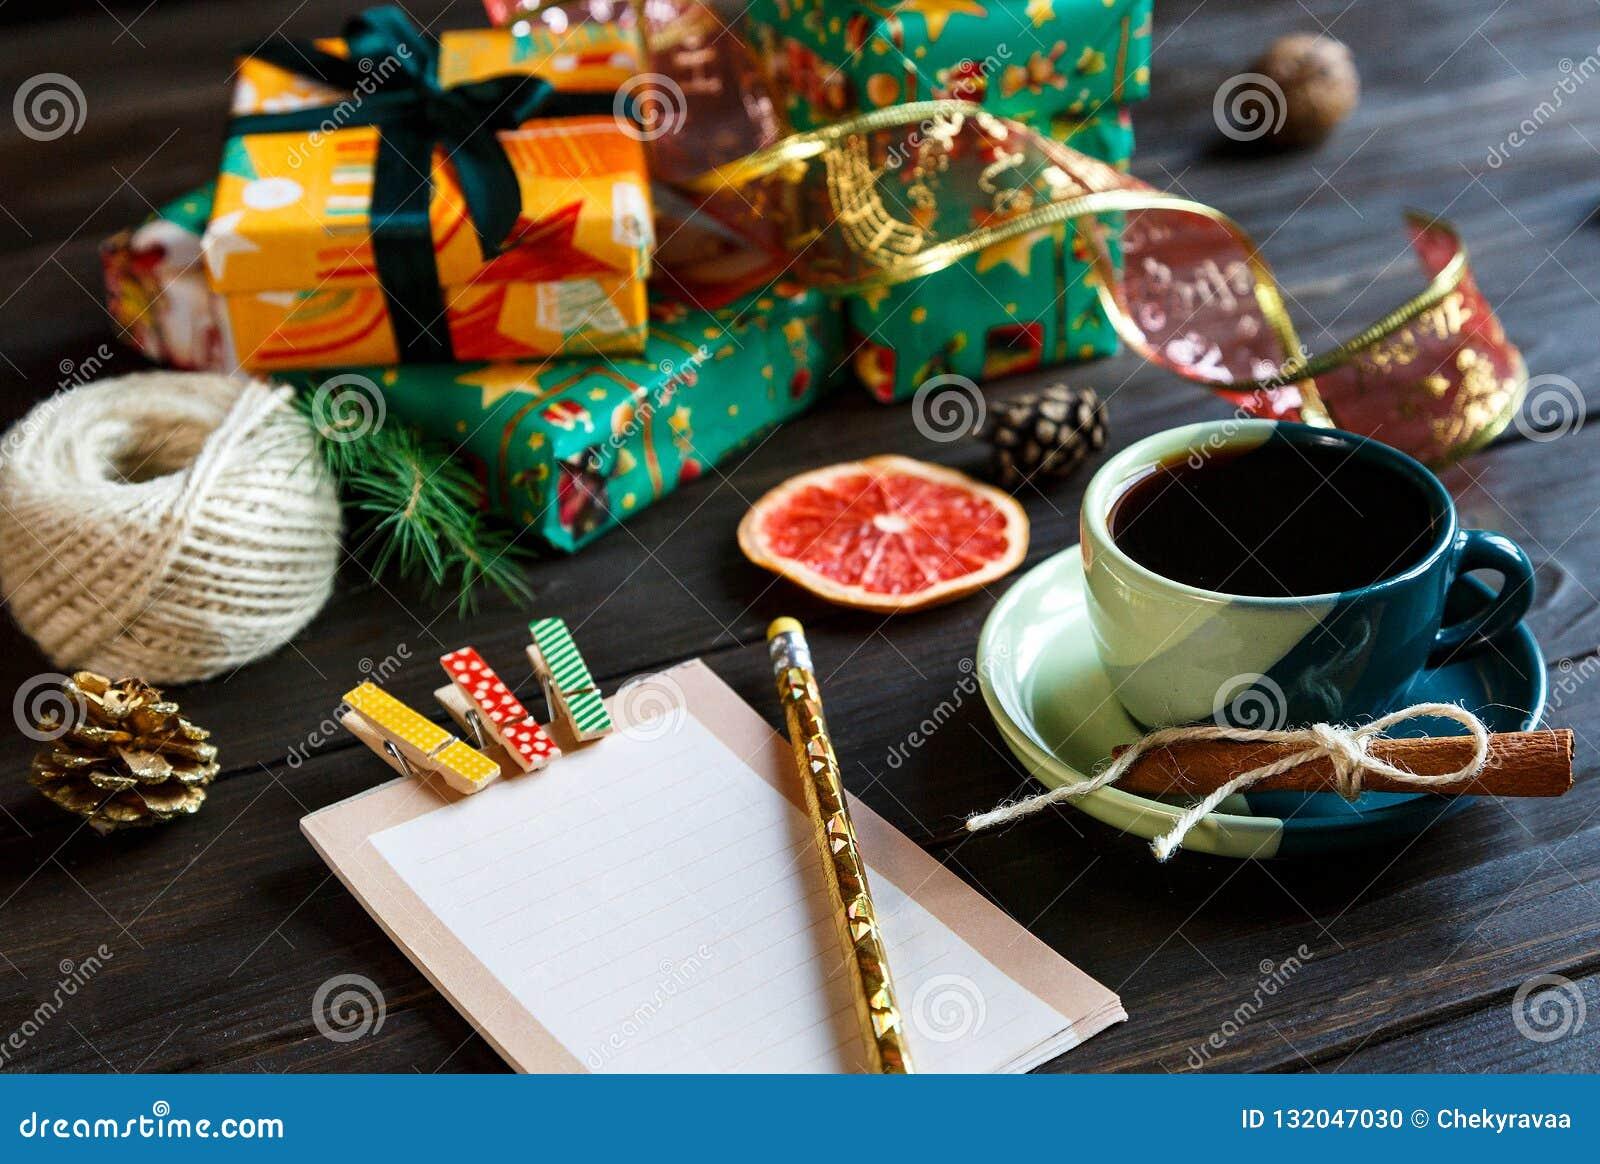 Teraźniejszość dla przyjaciół i rodziny w papierze pomarańczowym i zielonym, notepad, filiżanka kawy na drewnianym tle na zakupy